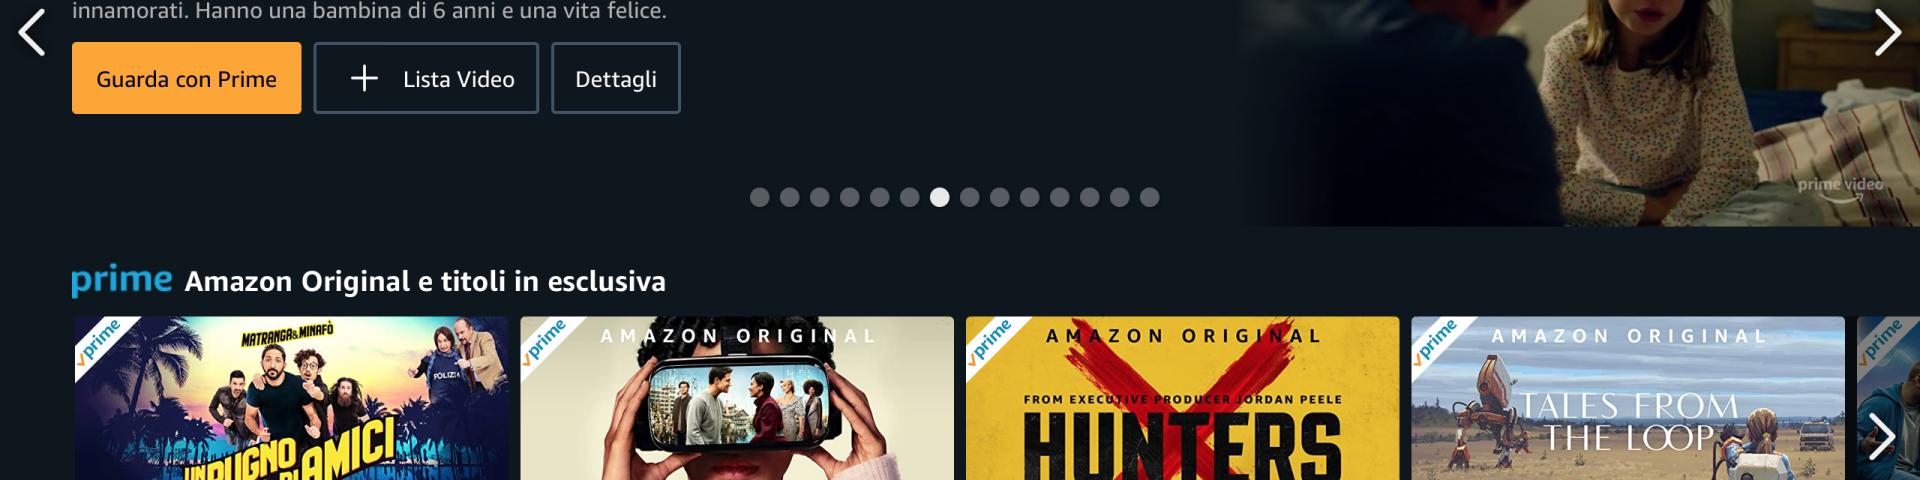 Amazon Prime Video gratis: ecco come iscriversi